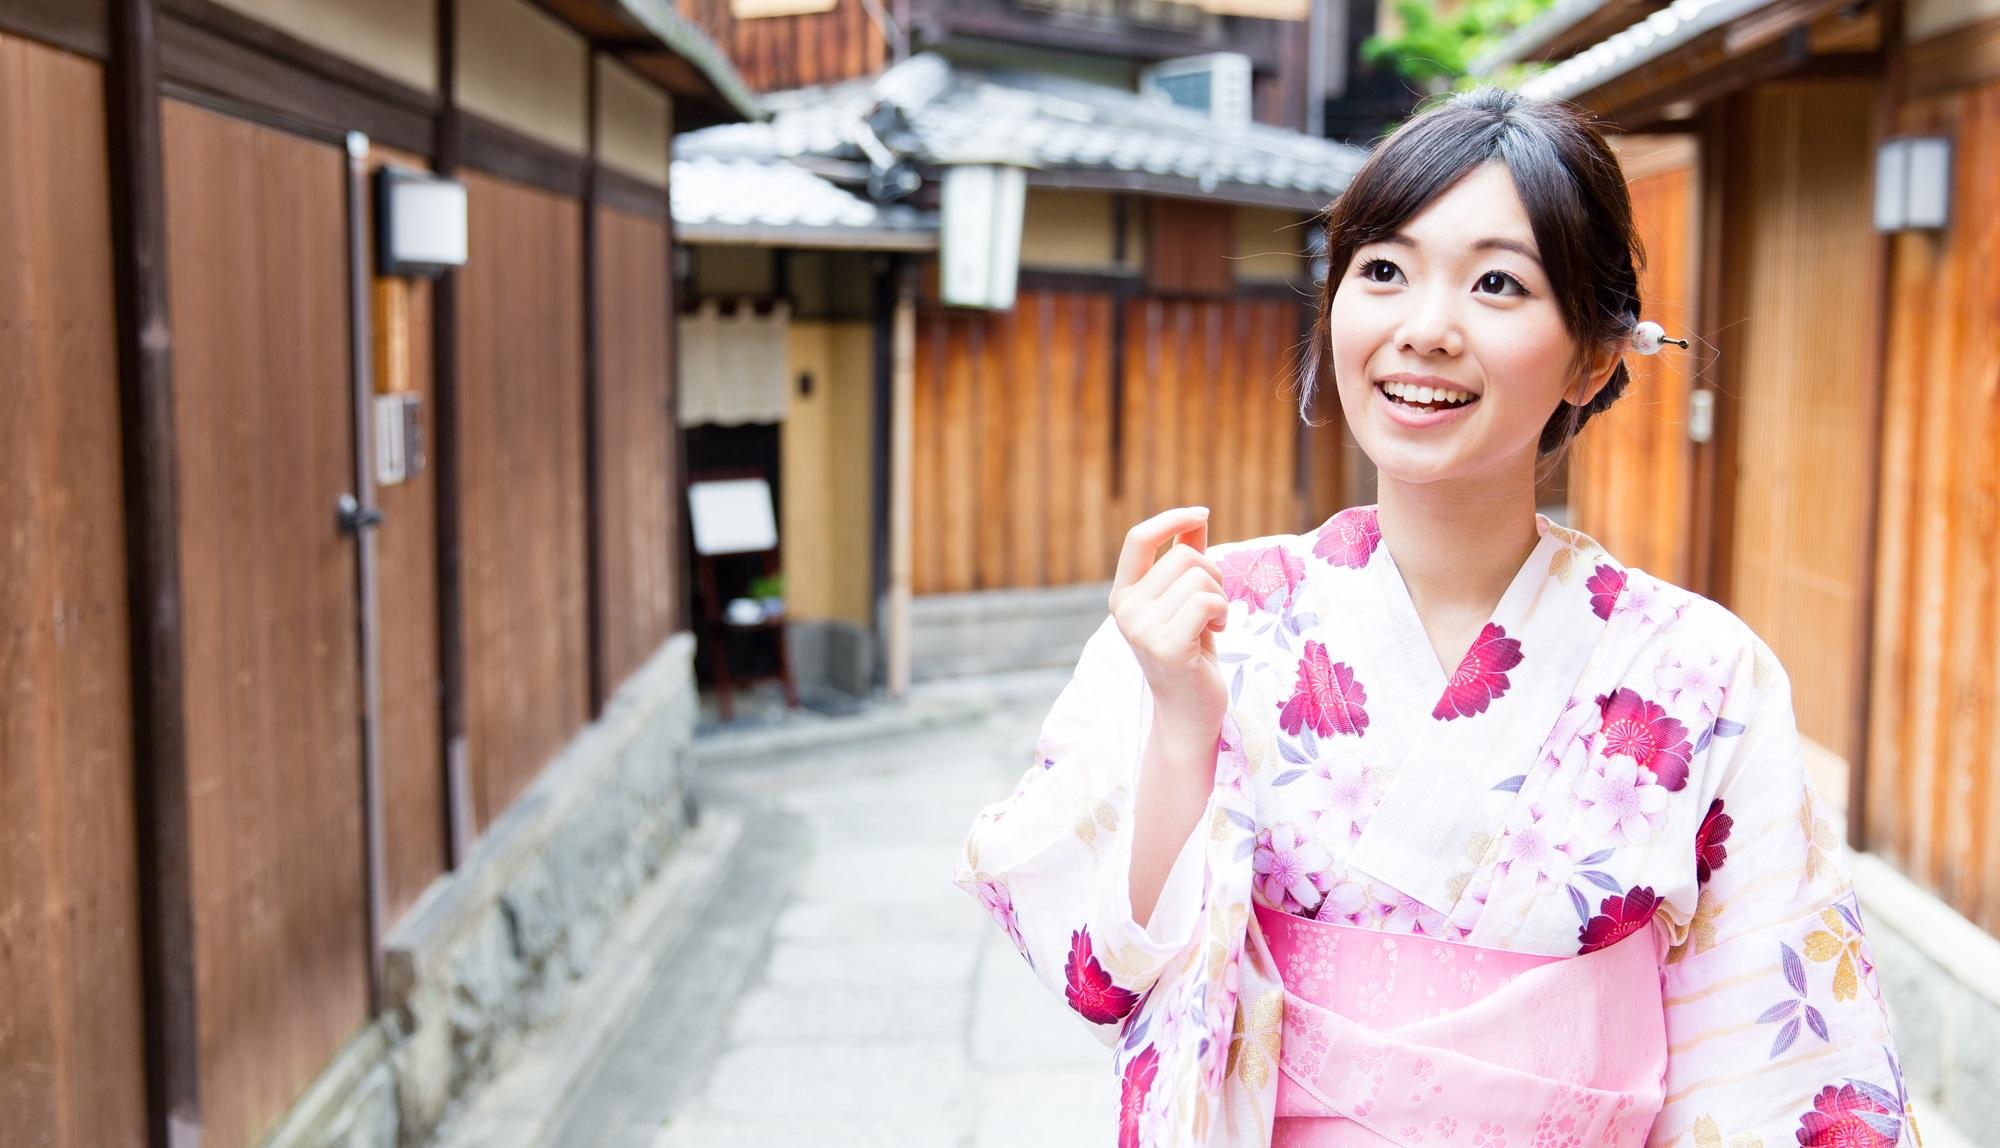 Tendance et traditionnel : explorer le Japon en yukata